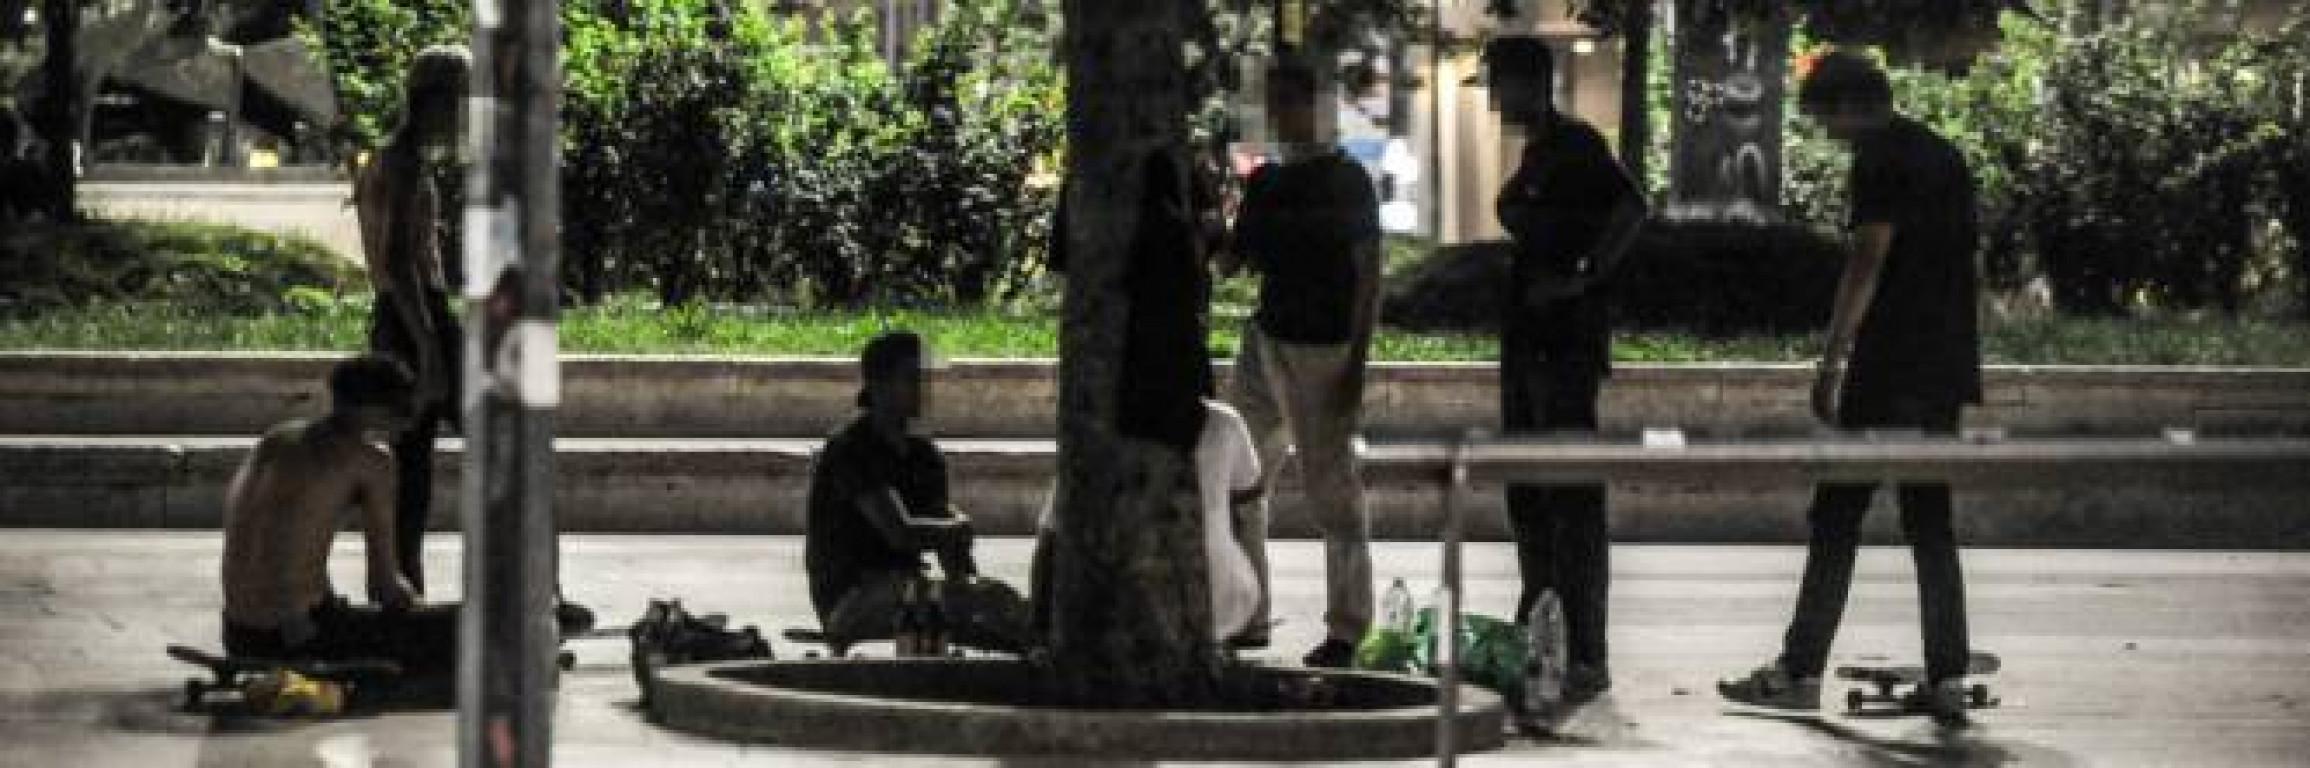 Due ore di inferno a Milano, raffica di rapine: città preda degli immigrati